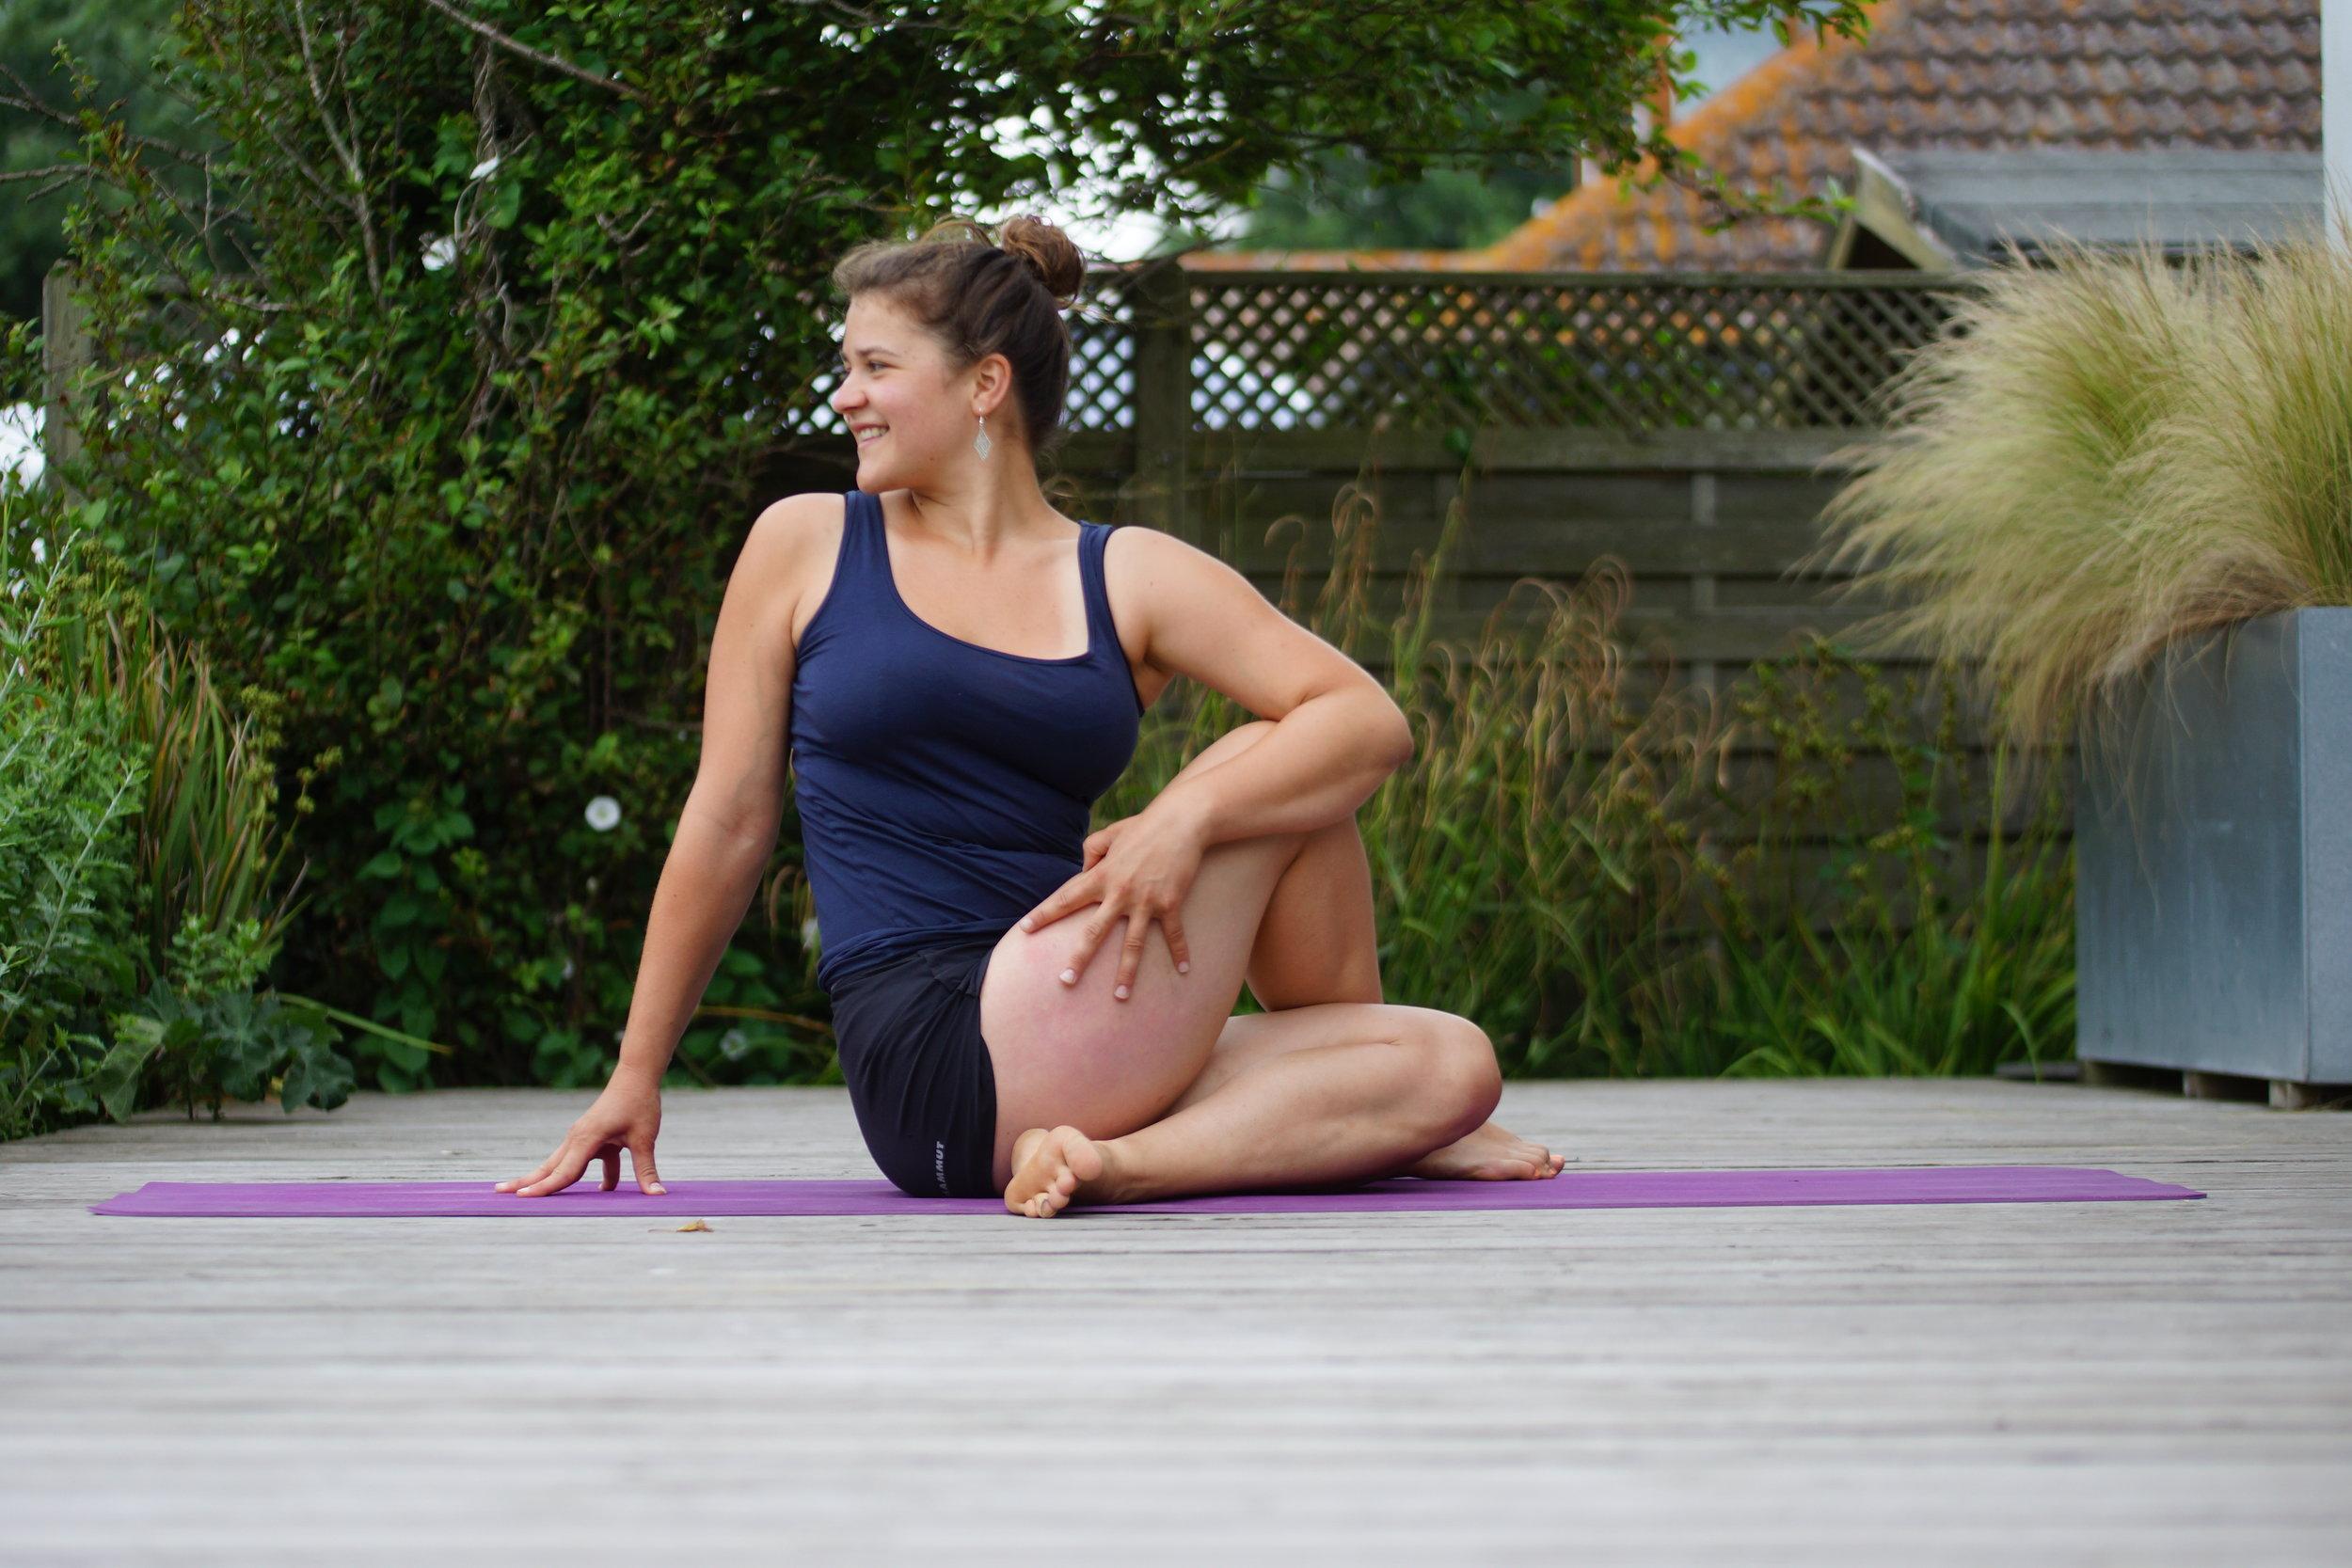 Ardha Matsyendrasana - Halbe Drehsitz, das linke Bein anstellen, den linken Fuß außen an das rechte Knie setzen, nach Möglichkeit die rechte Ferse außen an die linke Hüfte bewegen, mit der rechten Ellbeuge um das linke Knie greifen, über die linke Schulter nach hinten schauen. Mit dem Einatmen leicht den Rücken strecken, mit dem Ausatmen die Drehung vertiefen. Das Gewicht gleichmäßig auf dem Hintern verteilen, das rechte Bein entspannen